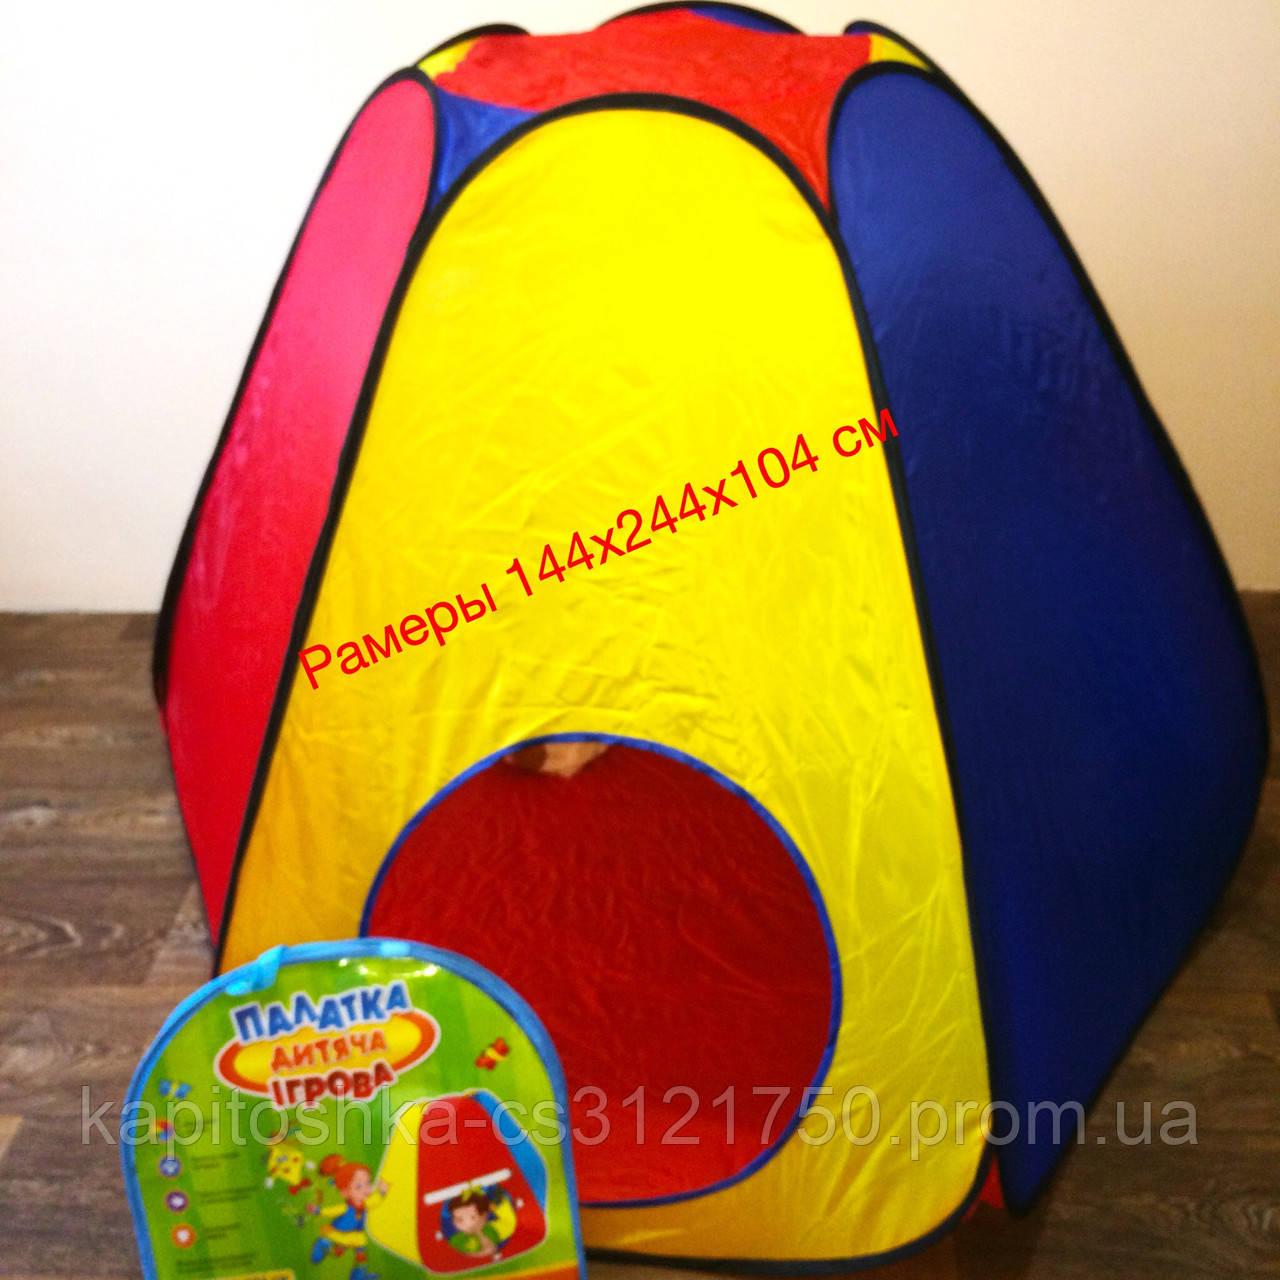 Детская игровая палатка Bambi  Палатка детская, игровой домик, детский домик палатка